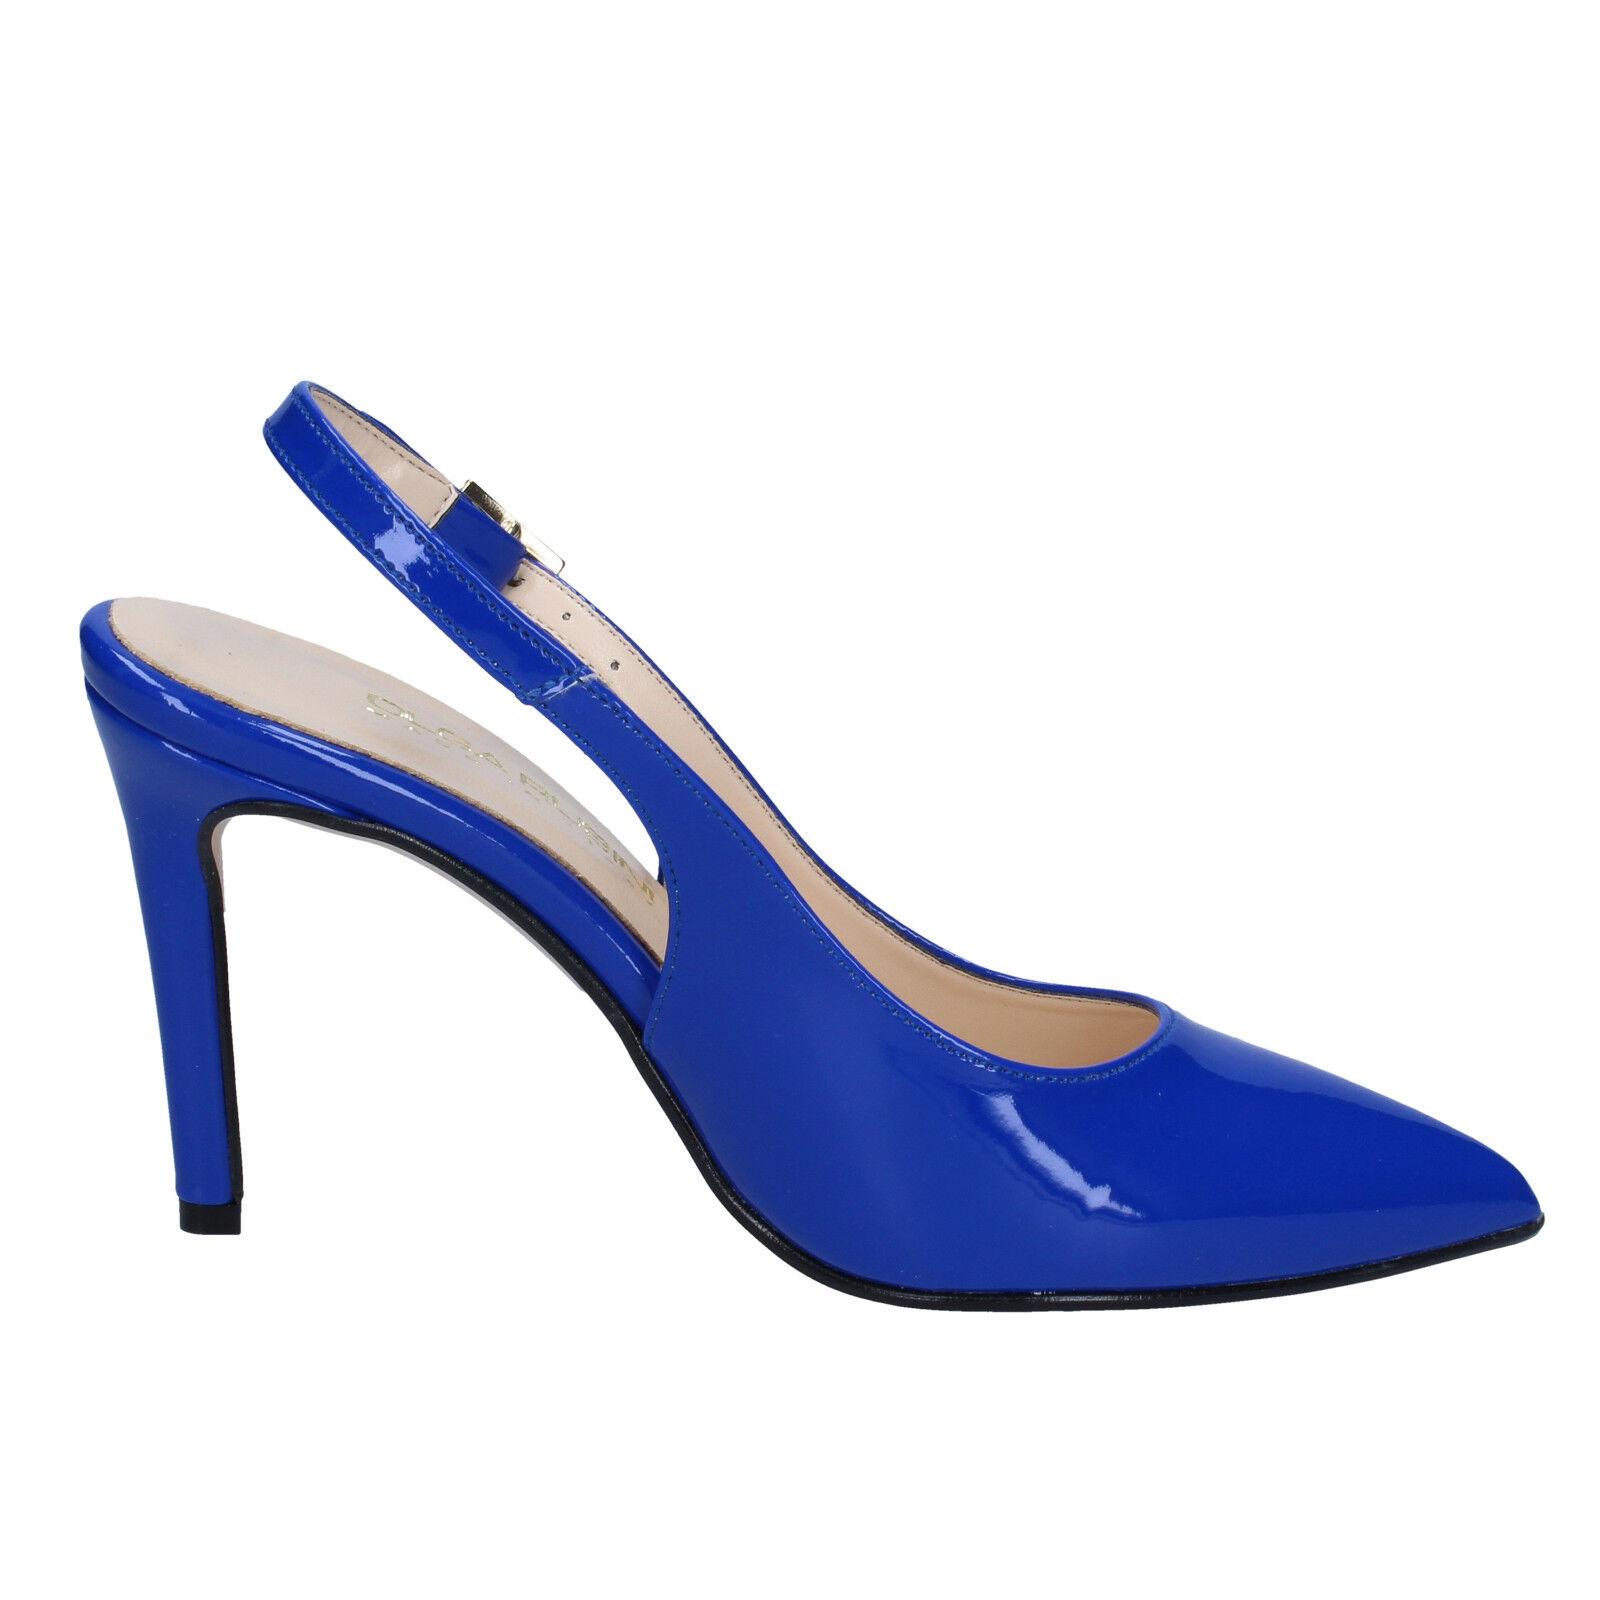 Scarpe Scarpe Scarpe donna OLGA RUBINI 41 EU decolte blu vernice BY285-41 659a33